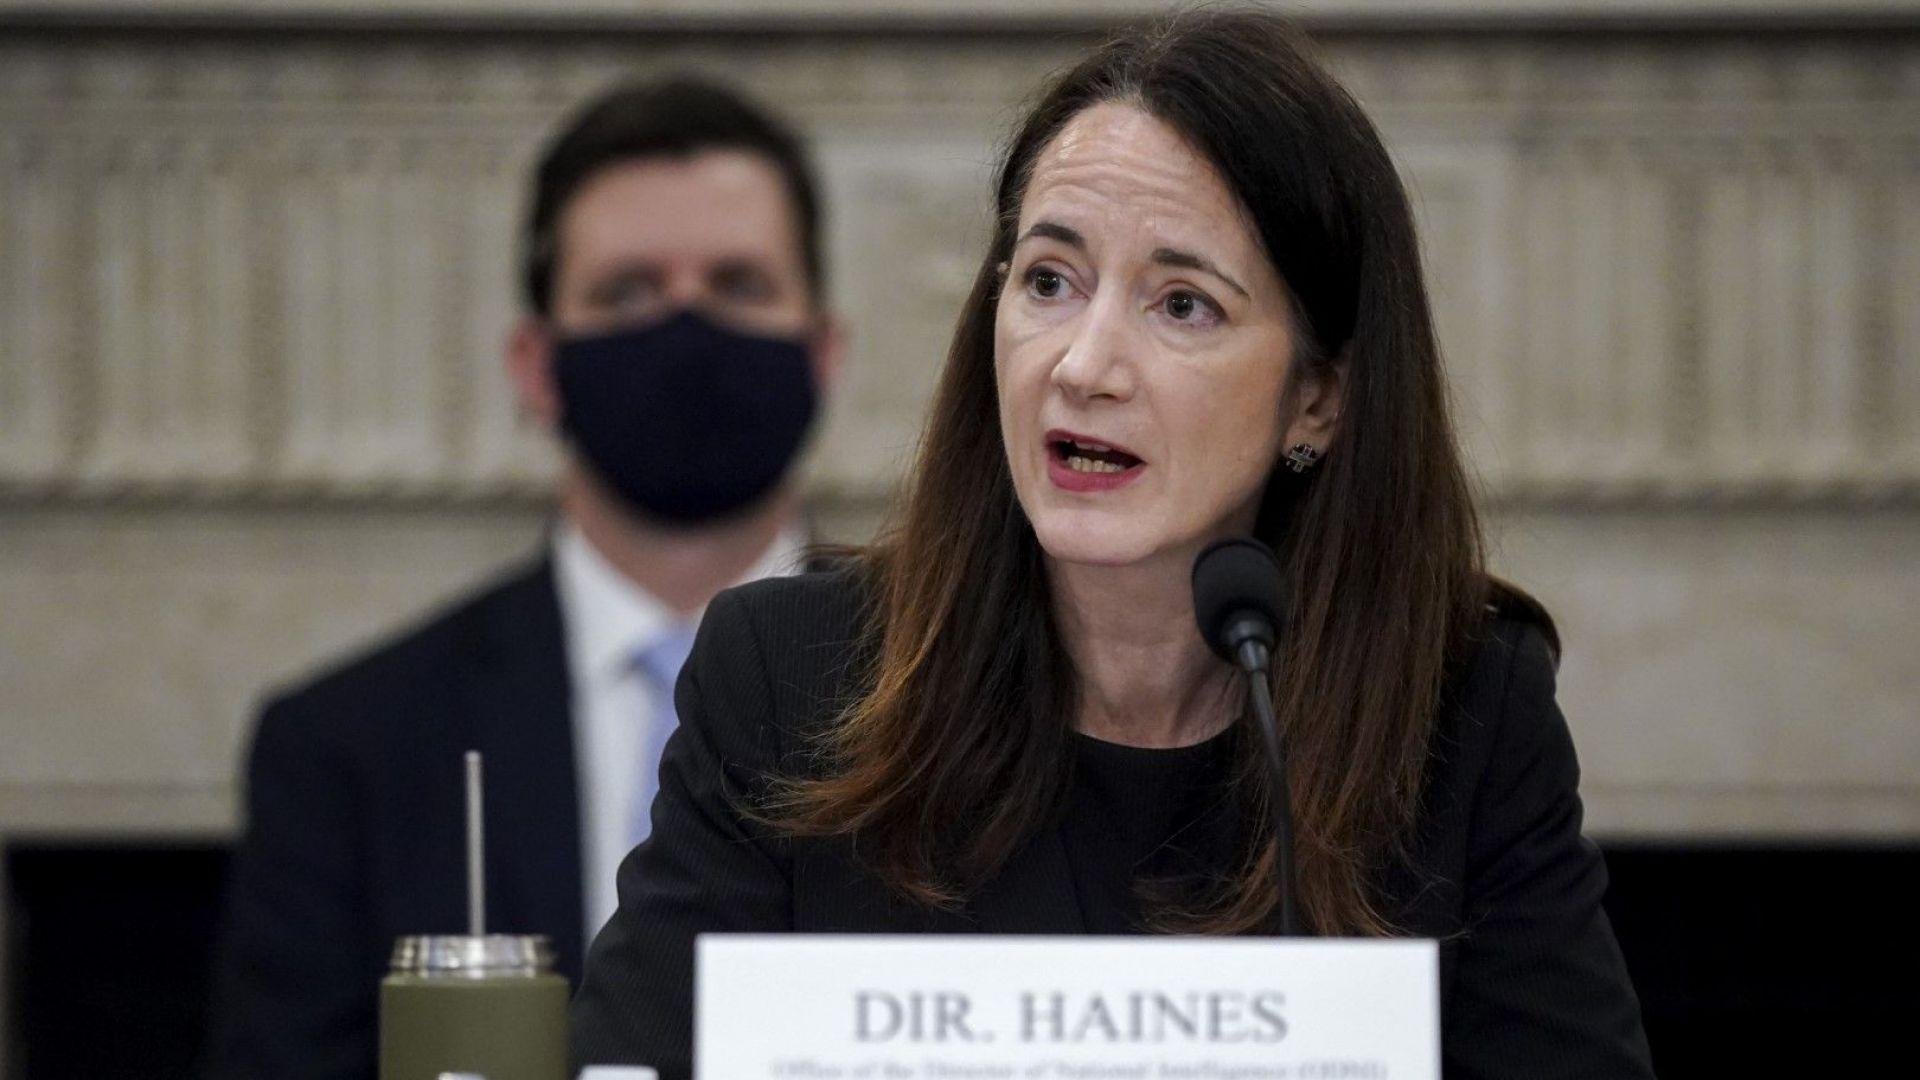 САЩ създават център срещу злонамерени чужди намеси